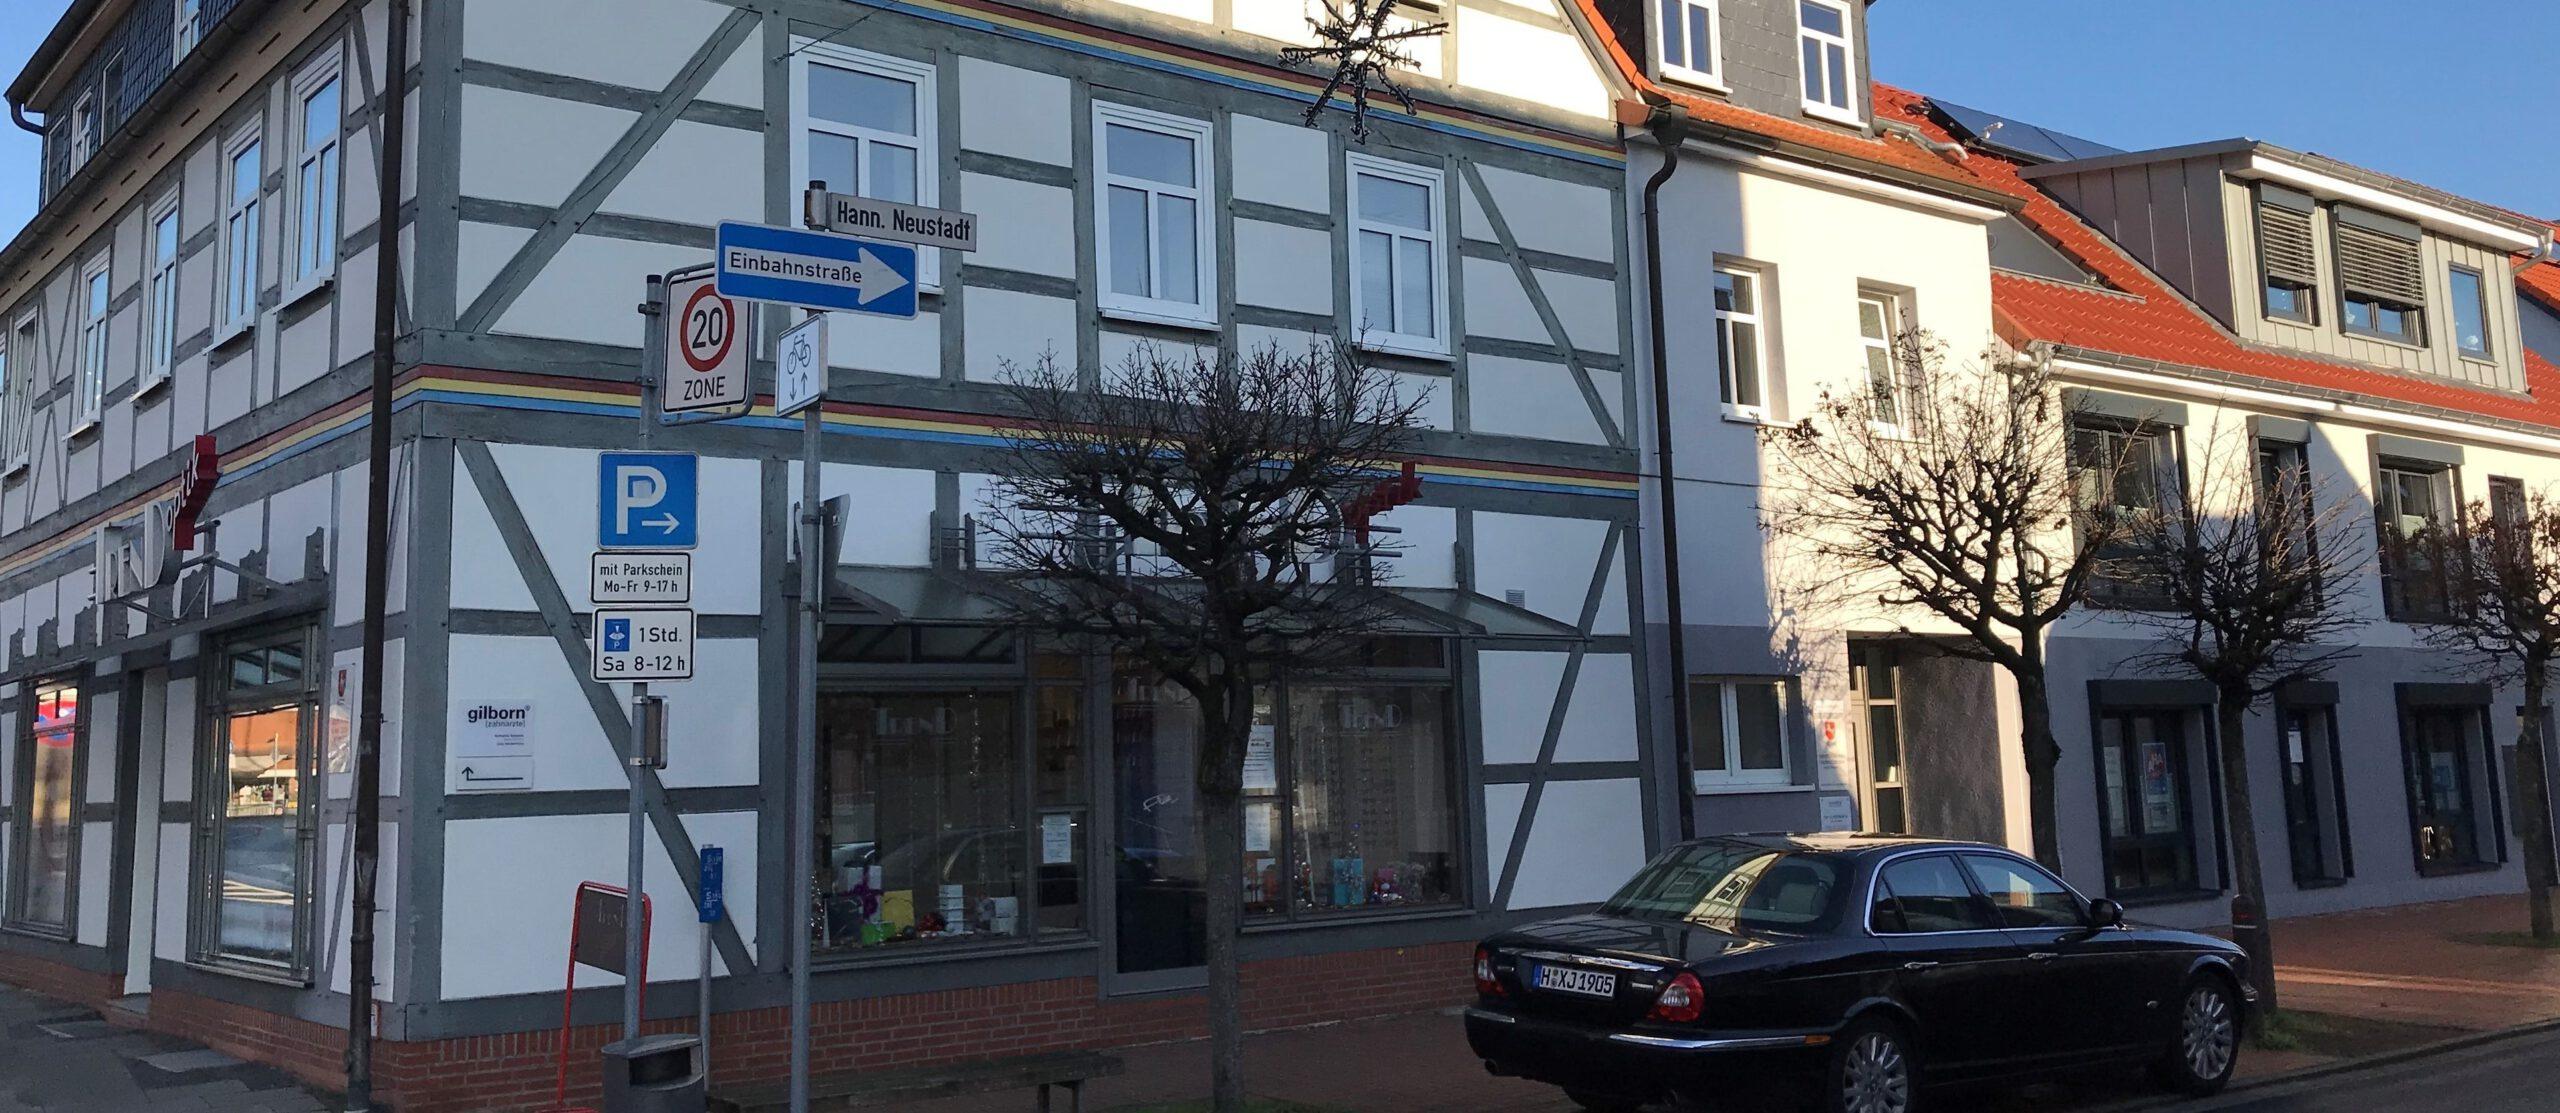 Die Kanzlei in der Hannoverschen Neustadt 54